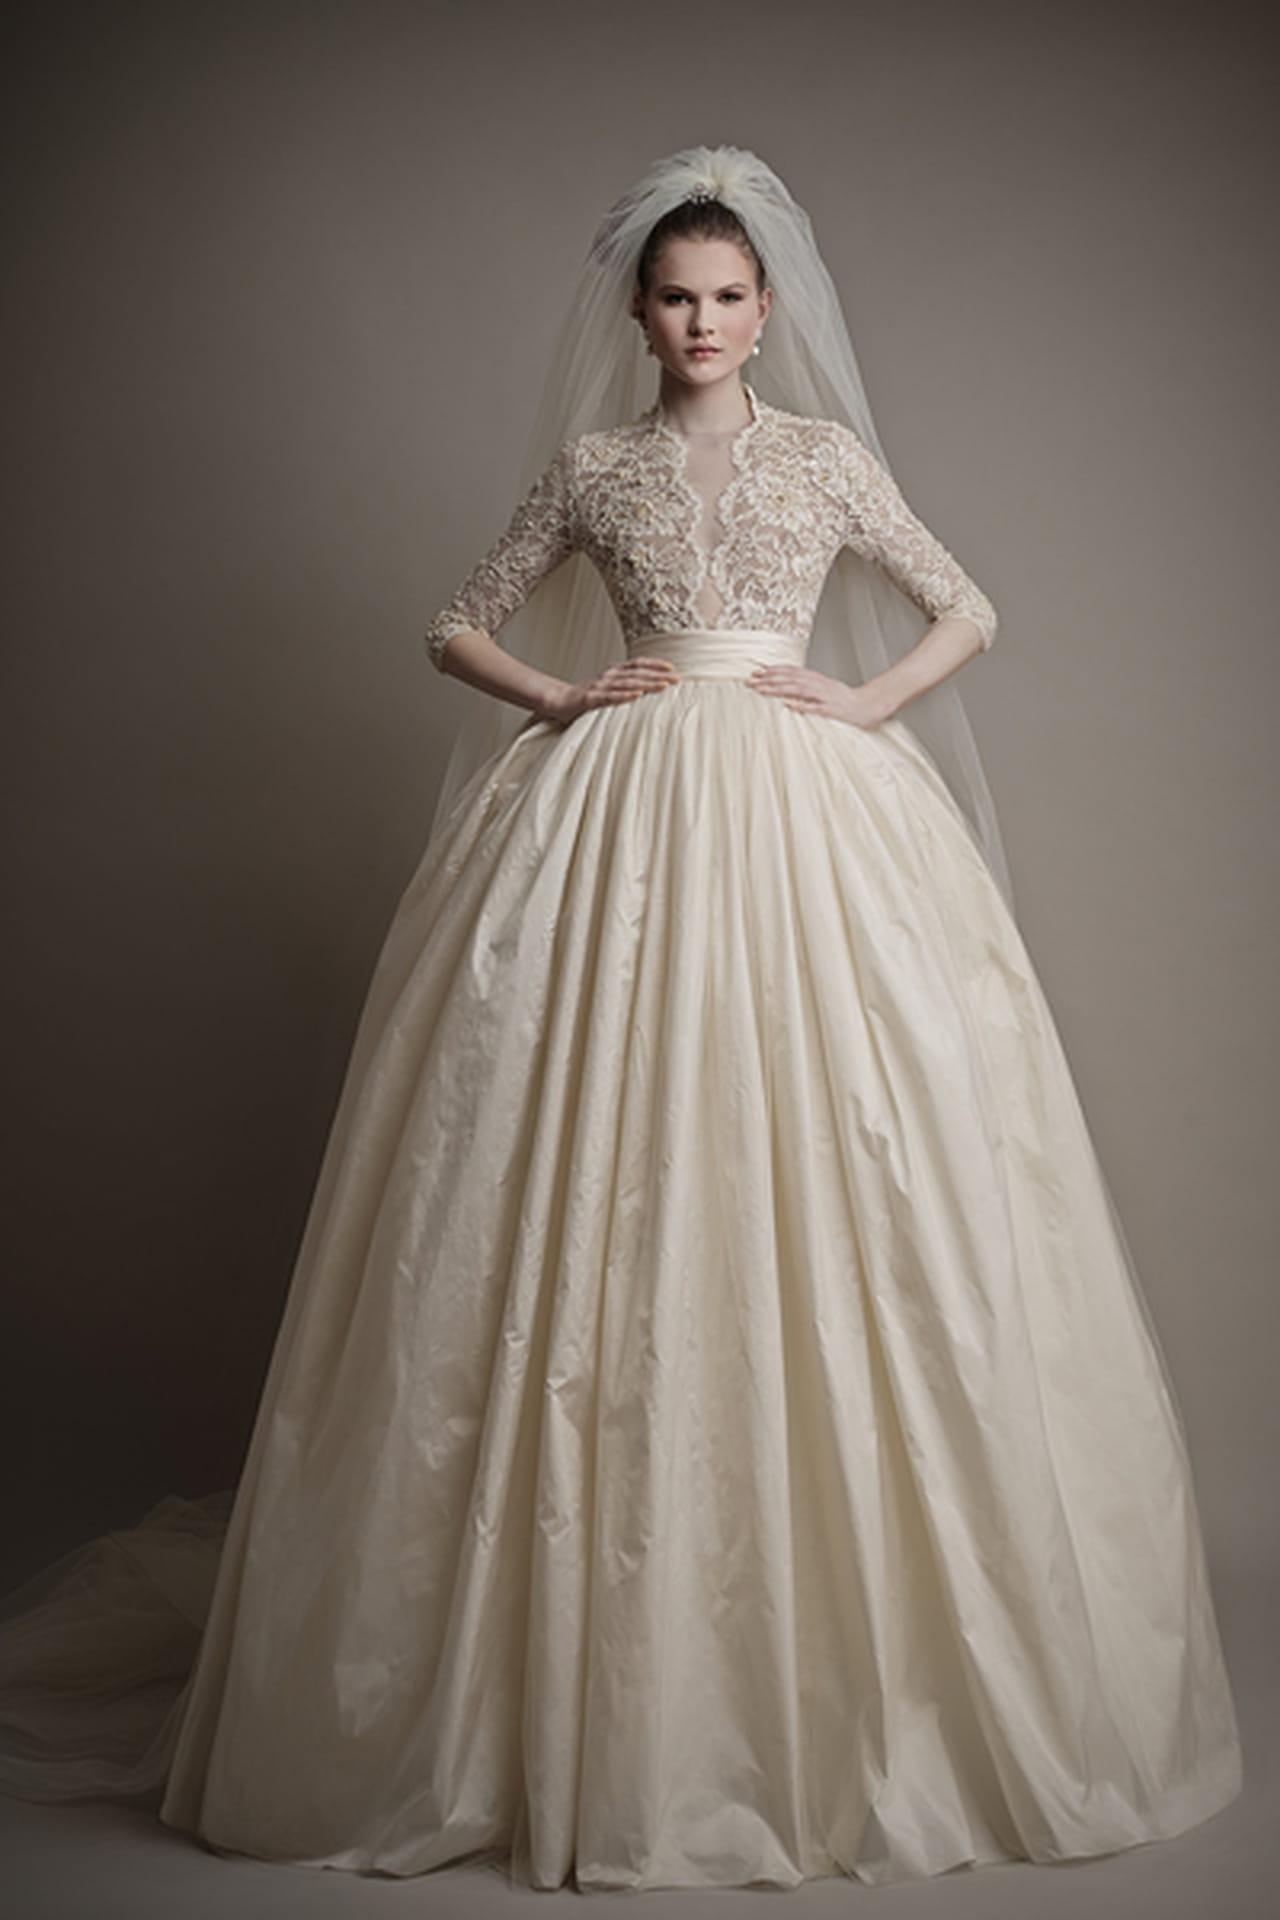 764ff127caafa درجات الأبيض الناعمة في فساتين زفاف إرسا لعام 2015